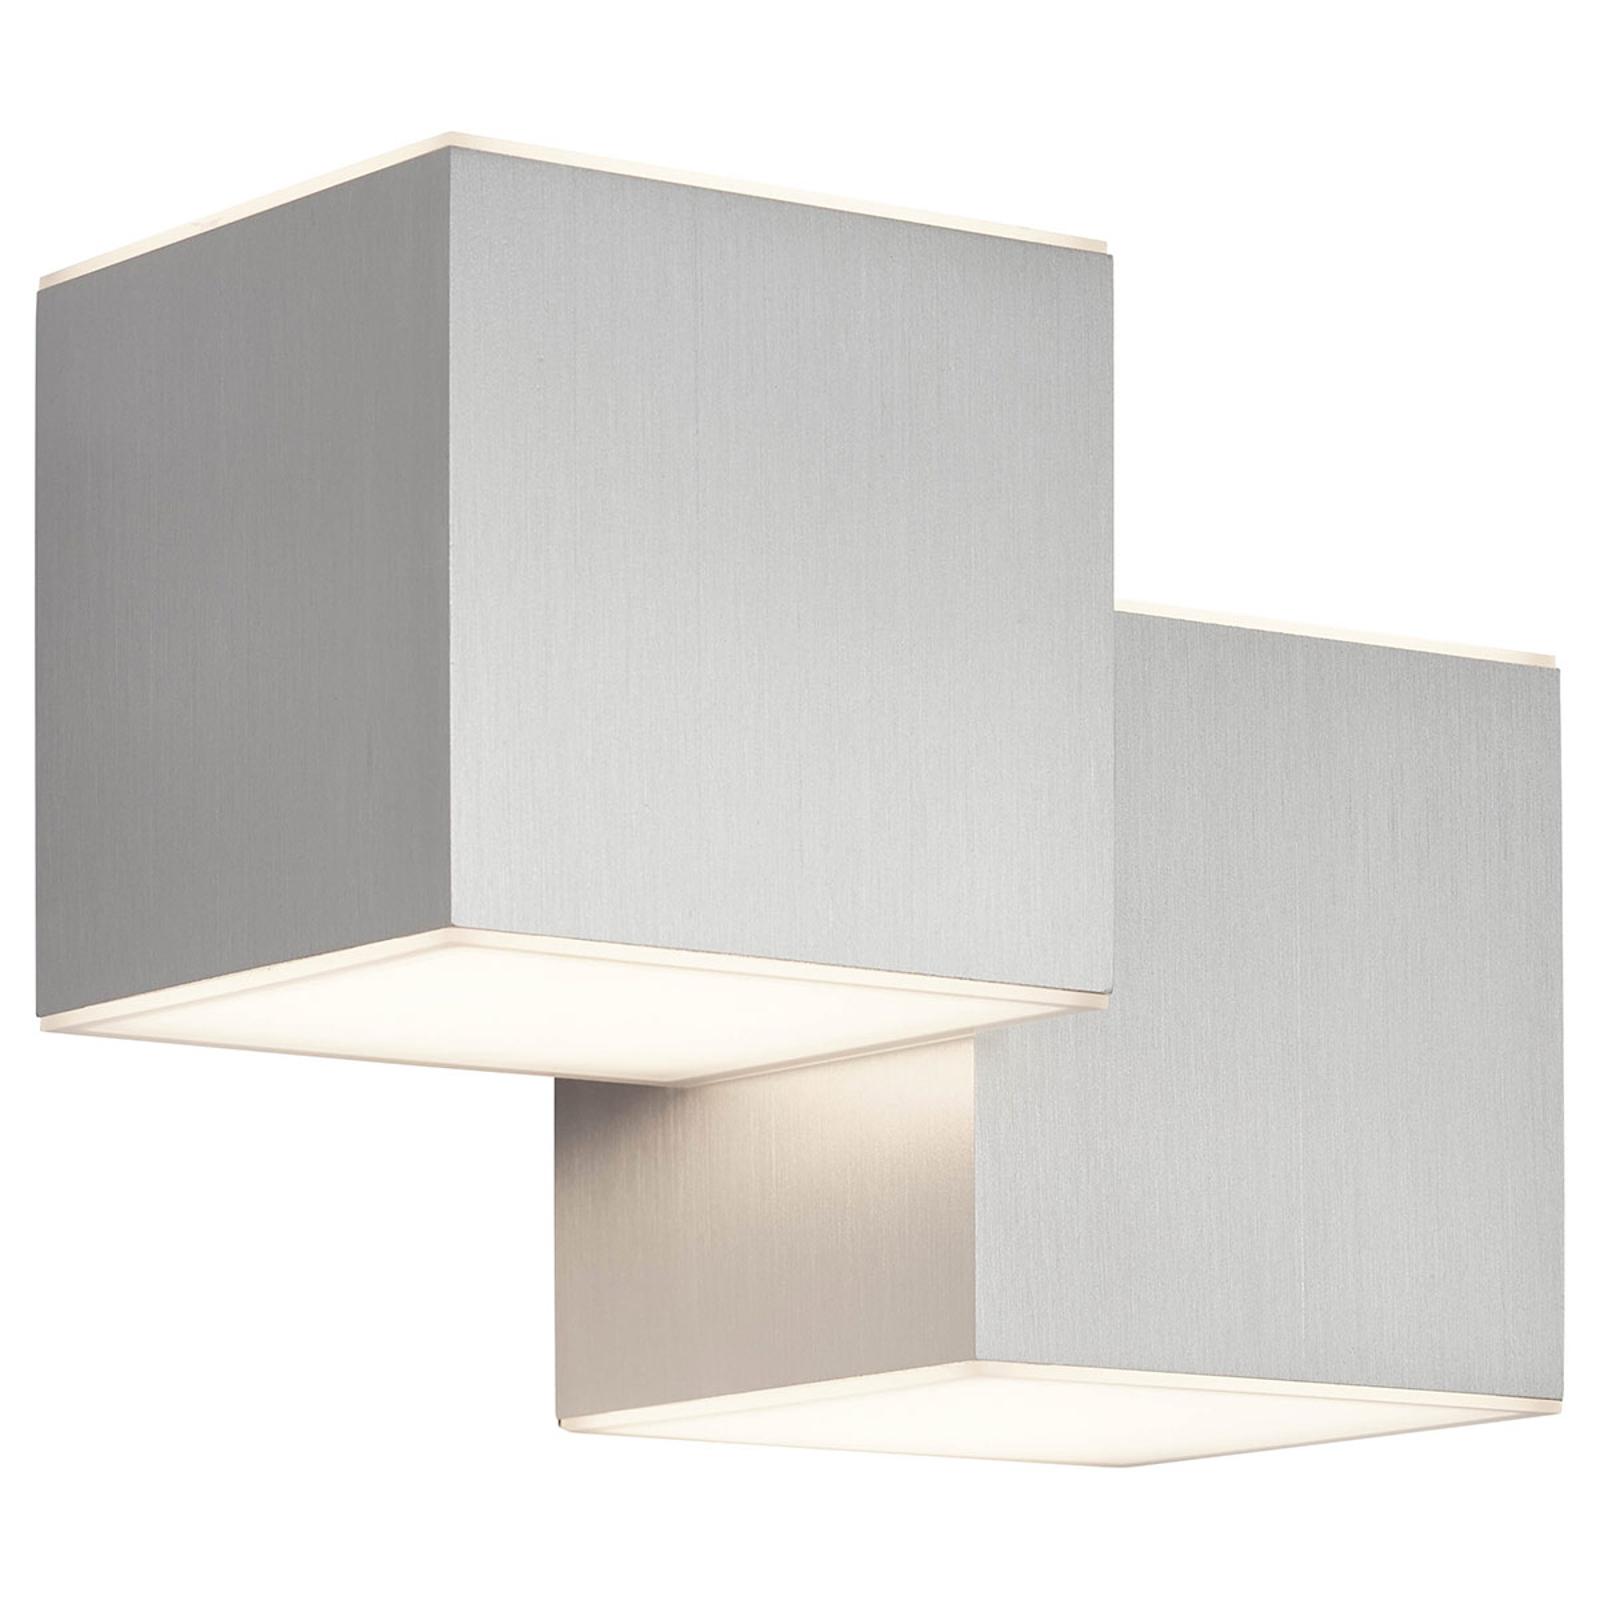 Acquista AEG Gillan applique LED a quattro luci